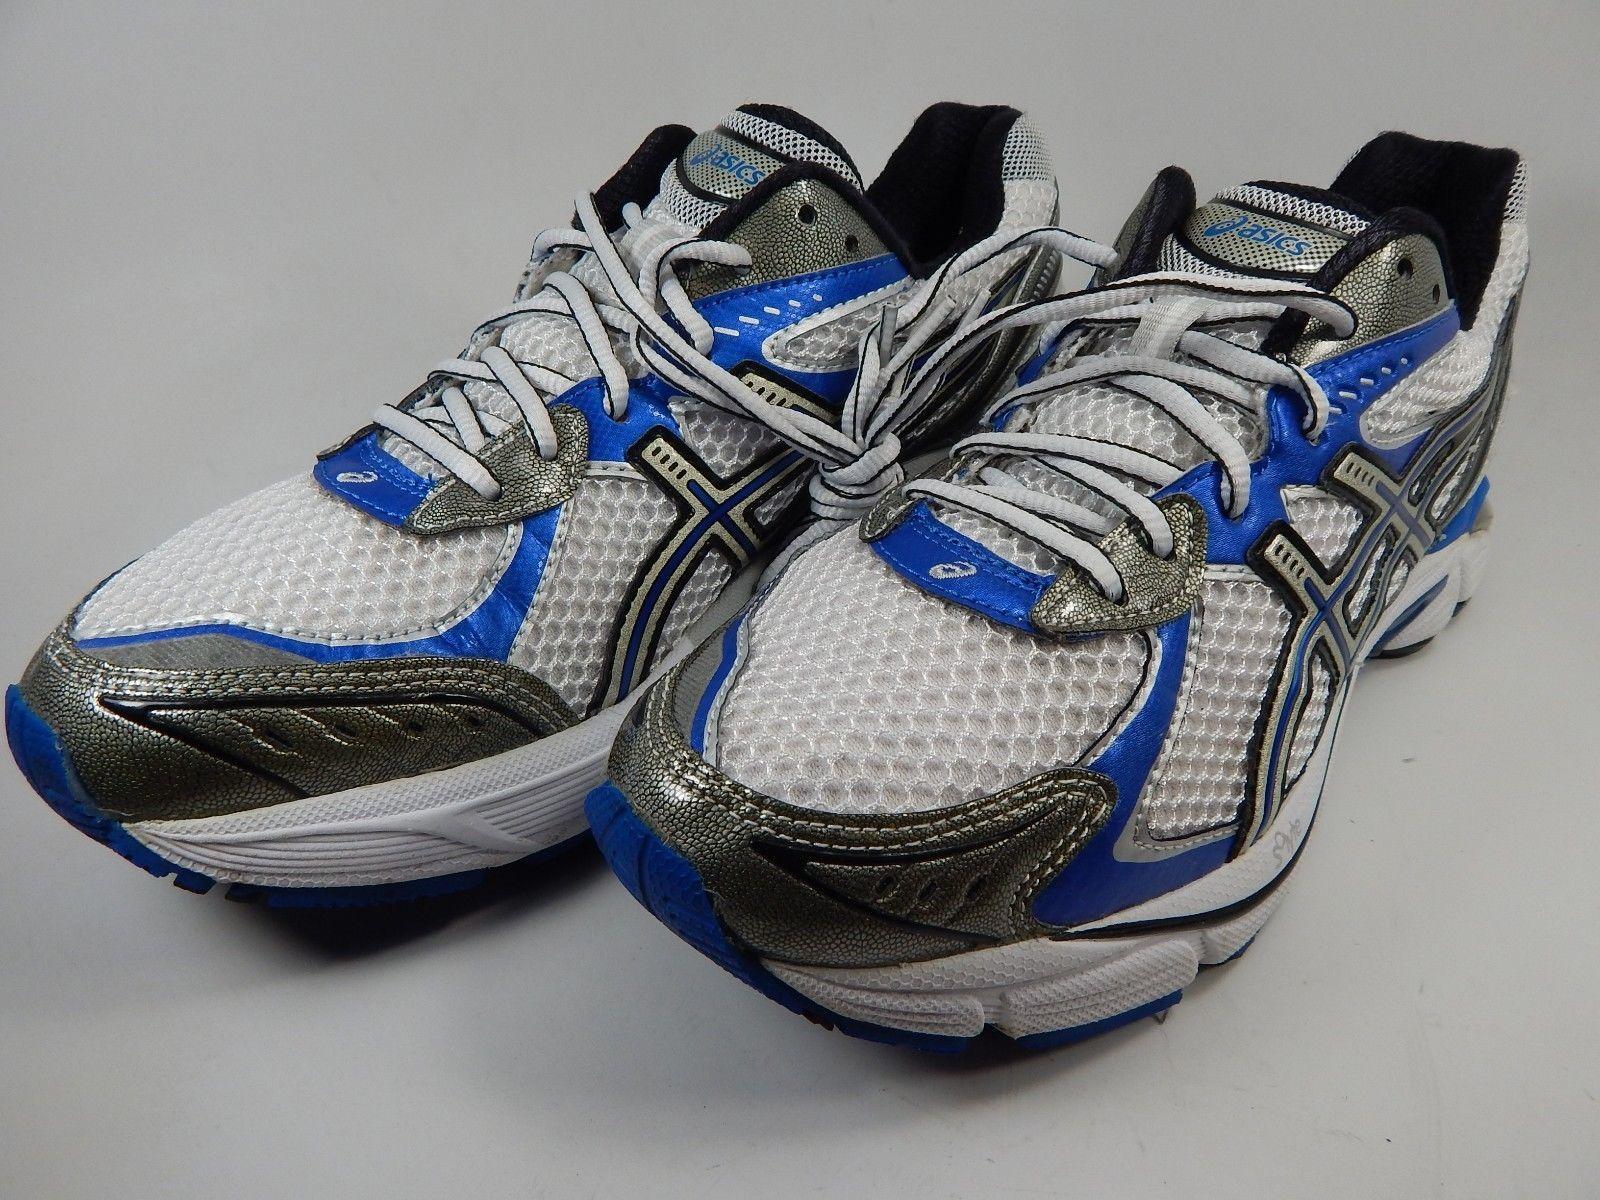 Asics GT de Taille 2160 Chaussures de US course pour hommes Taille US et 8 articles similaires dd17ce3 - camisetasdefutbolbaratas.info